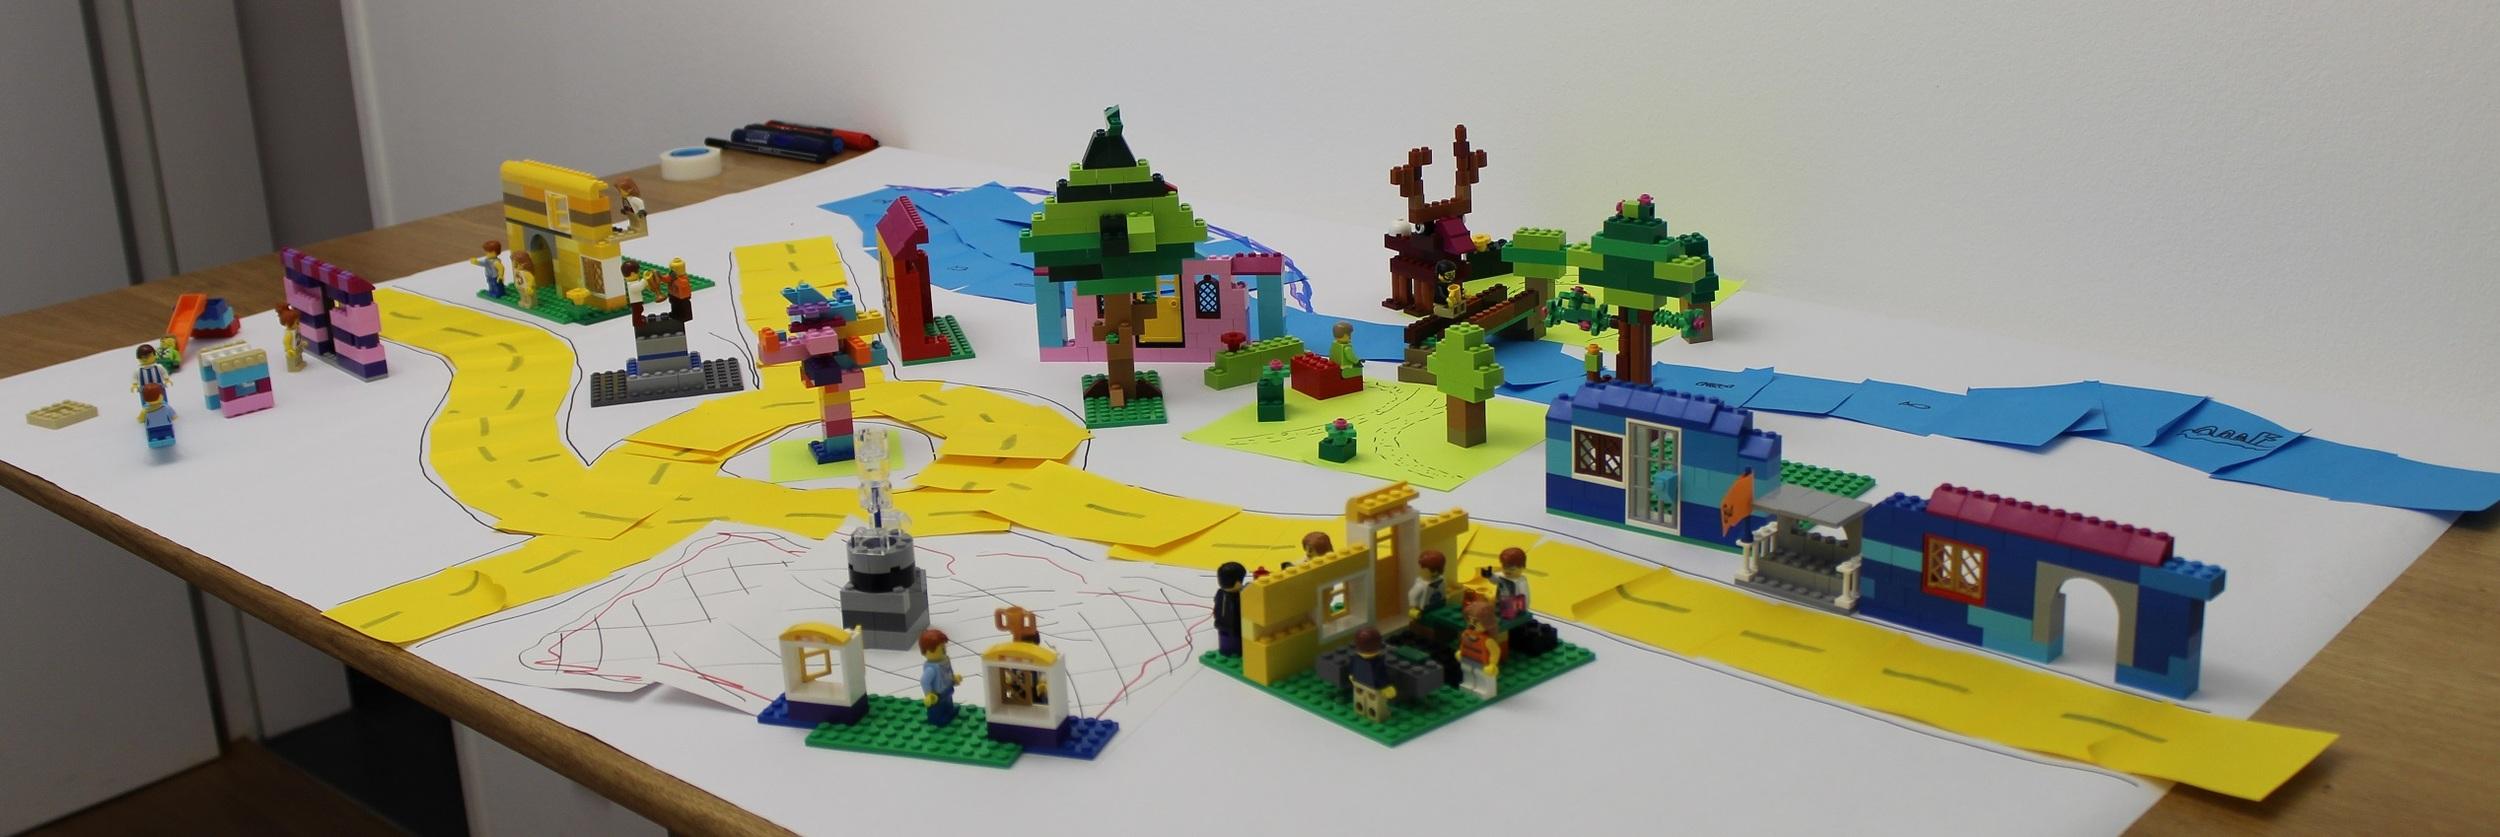 Scrum Mit Lego - Die Legostadt unseres Workshops vom 13. April 16